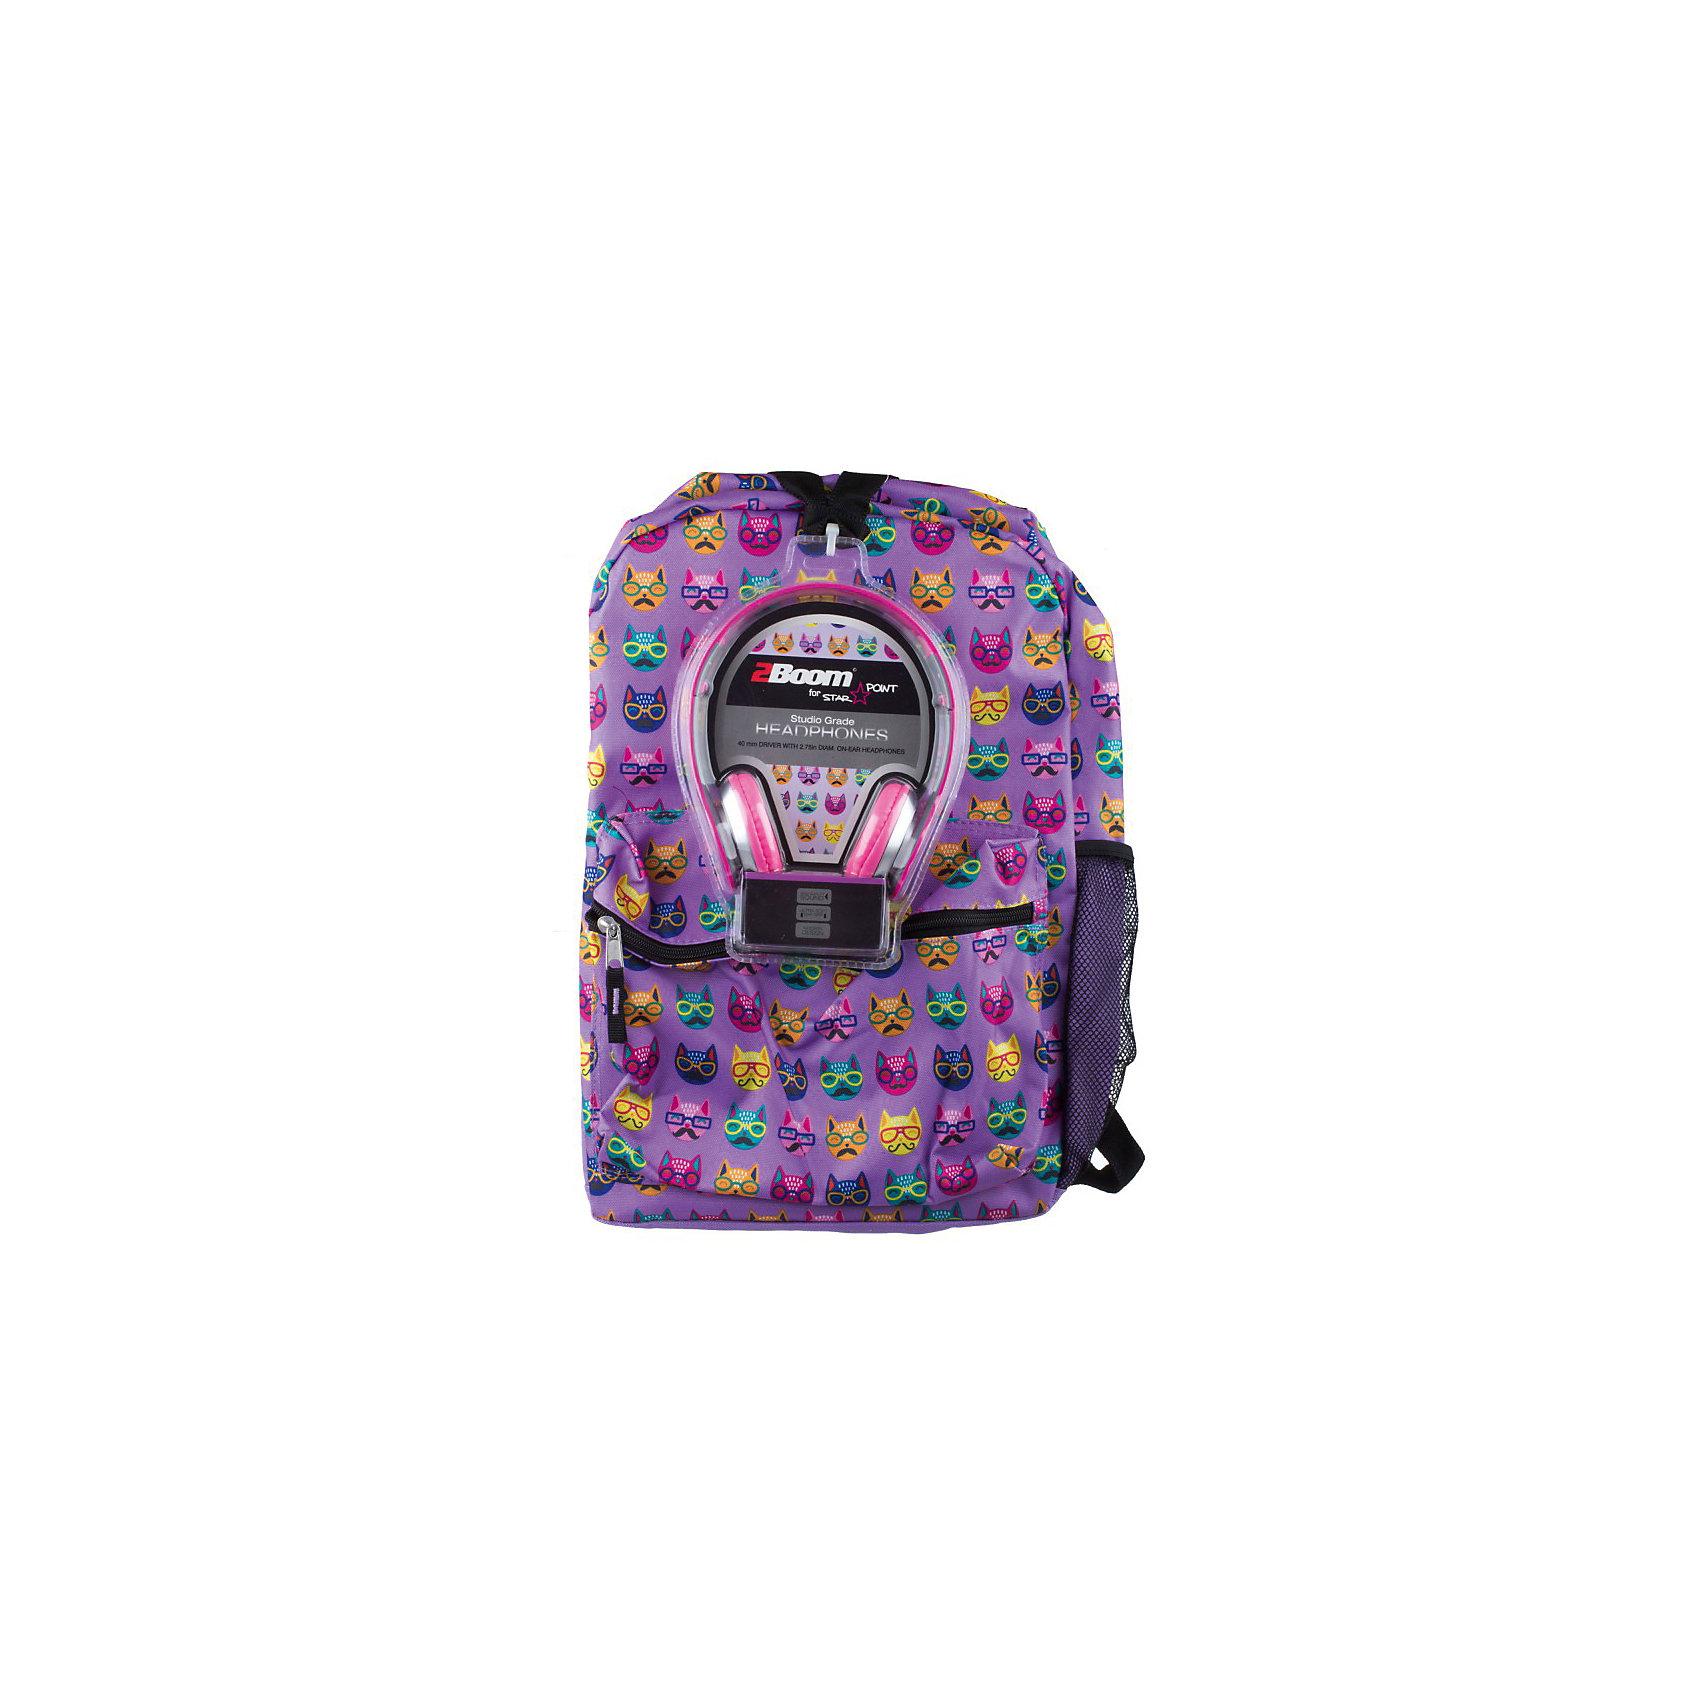 Рюкзак Cats с наушниками, цвет сиреневыйУниверсальный рюкзак — для школы, спорта или просто для прогулки.<br>Мягкие регулируемые наплечные лямки.<br>Укрепленная спинка.<br><br>Ширина мм: 43<br>Глубина мм: 33<br>Высота мм: 16<br>Вес г: 700<br>Возраст от месяцев: 120<br>Возраст до месяцев: 420<br>Пол: Унисекс<br>Возраст: Детский<br>SKU: 5344338